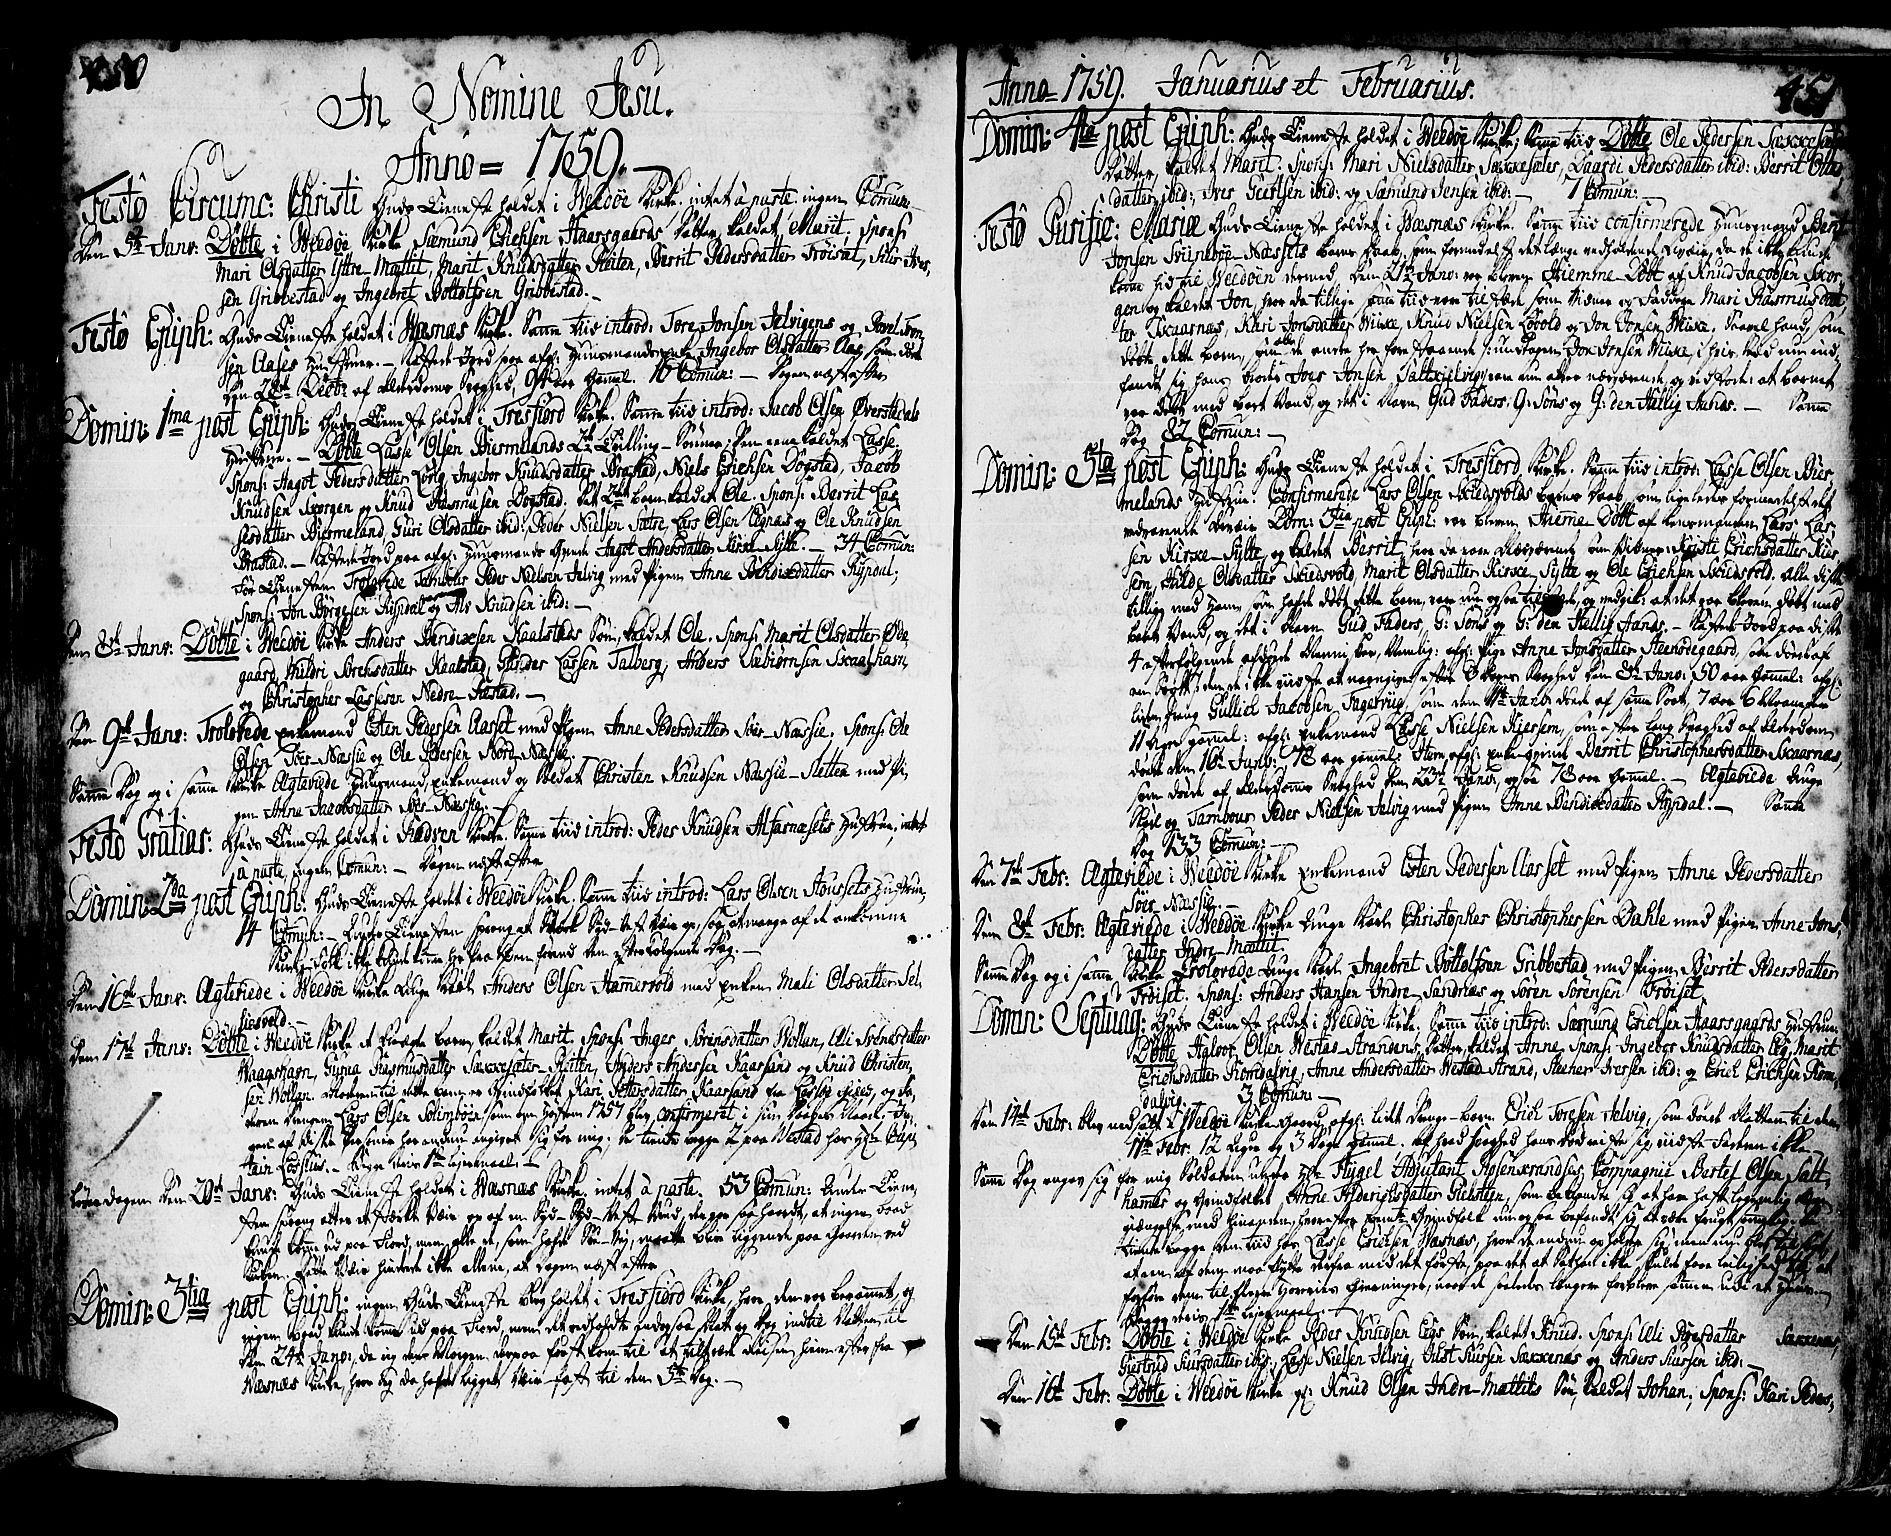 SAT, Ministerialprotokoller, klokkerbøker og fødselsregistre - Møre og Romsdal, 547/L0599: Ministerialbok nr. 547A01, 1721-1764, s. 450-451